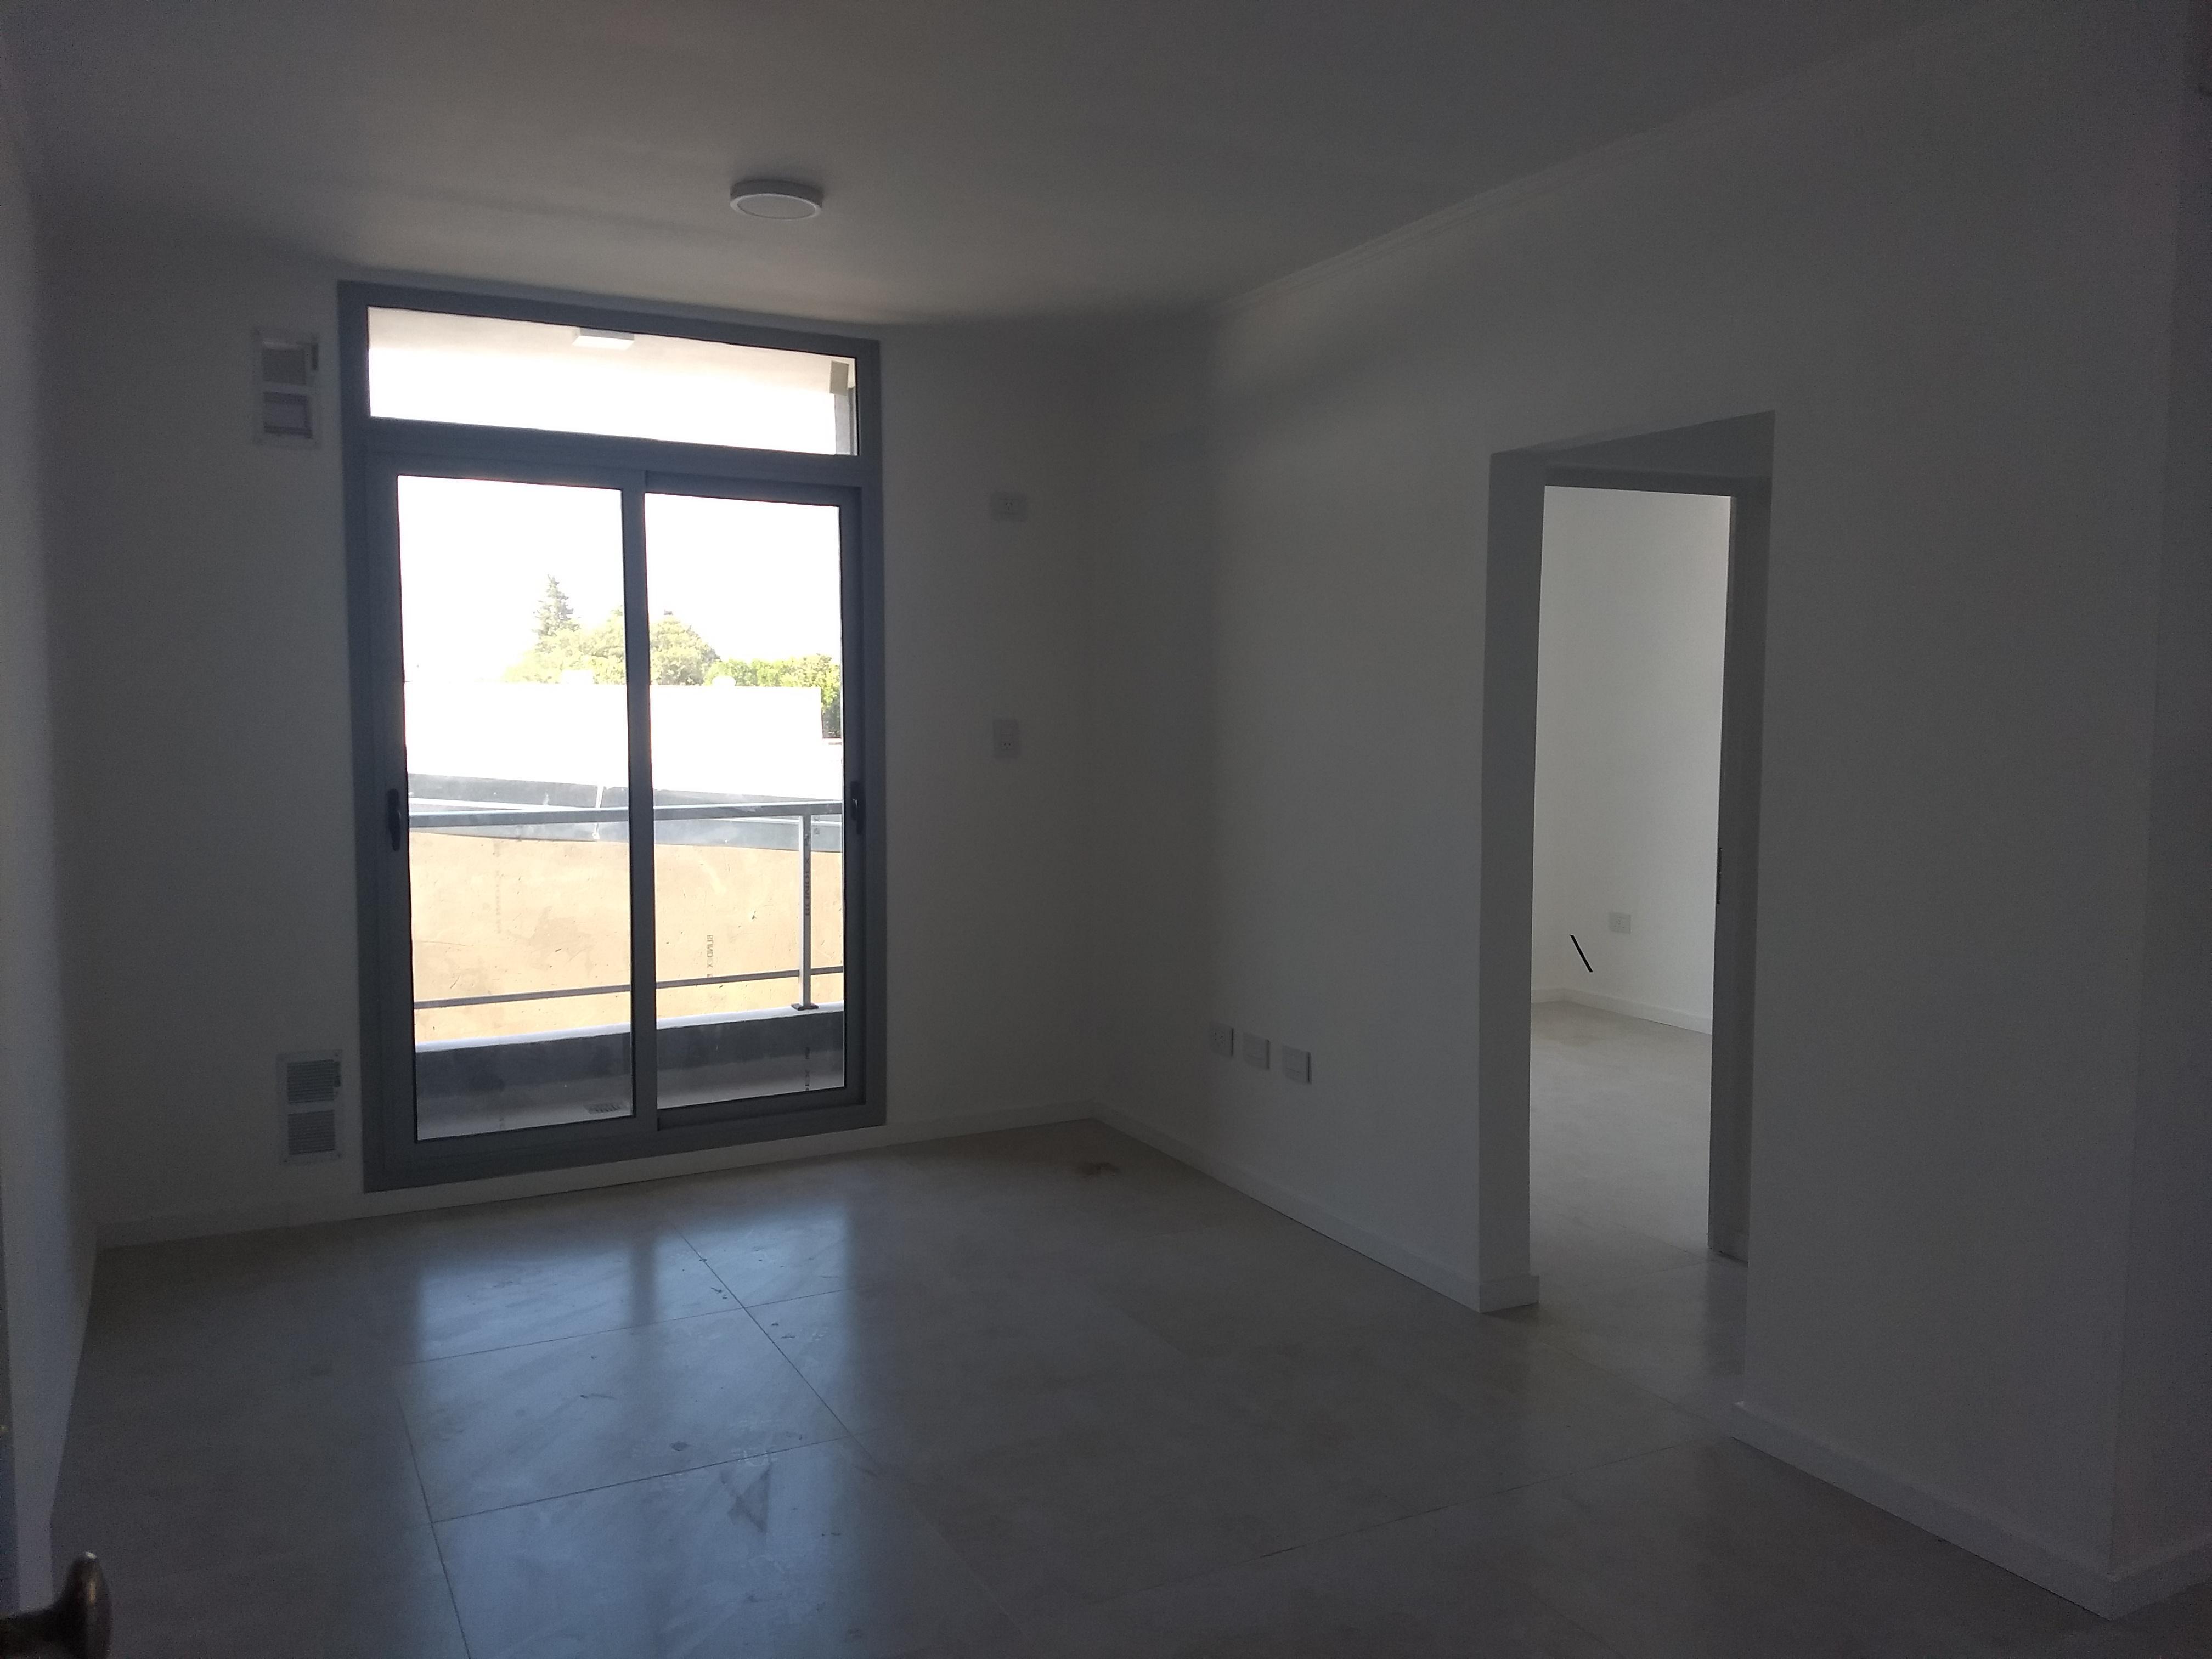 Maipú y Arenales 2º Dpto. 3 - Gaggiotti Inmobiliaria cuenta con más de 50 años desde que se inicio en el negocio de los servicios inmobiliarios.